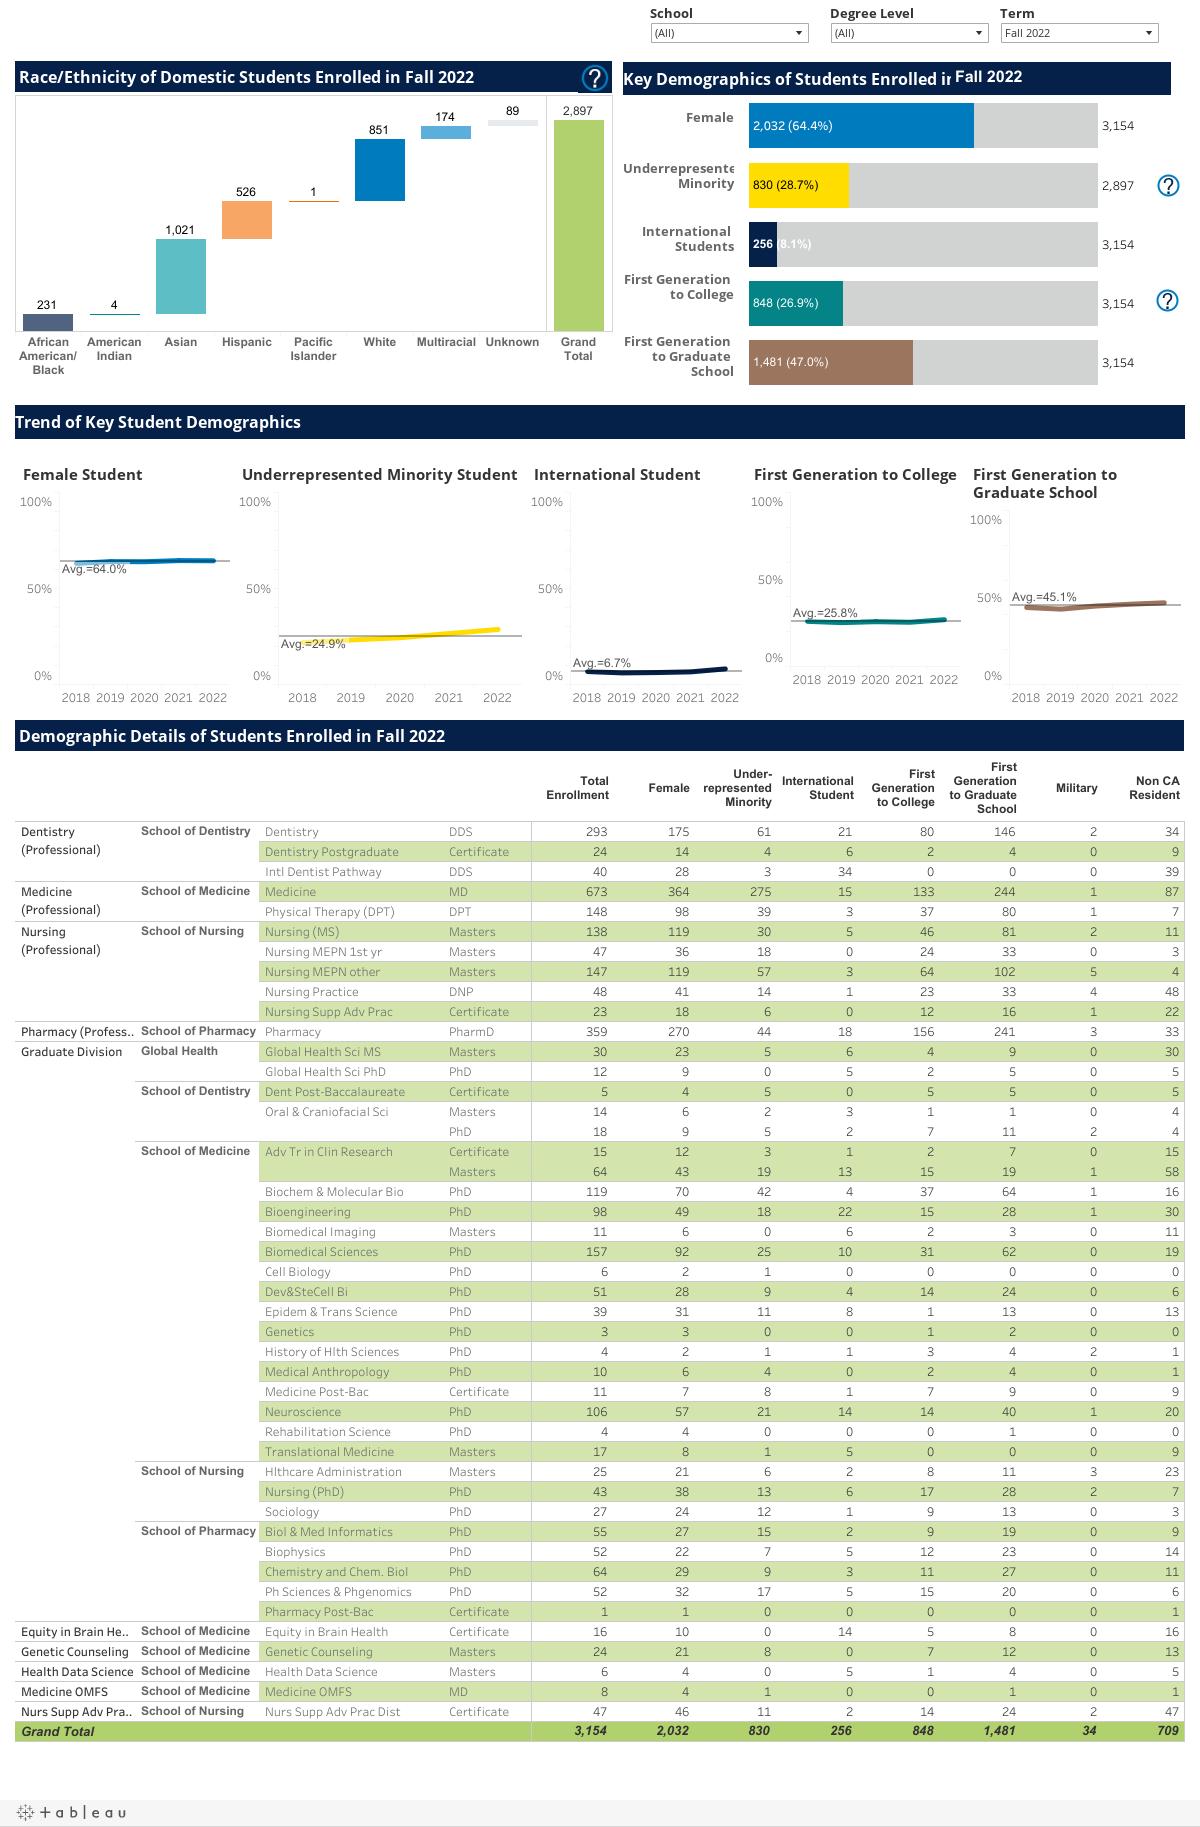 UCSF Student Demographics | UCSF OIR